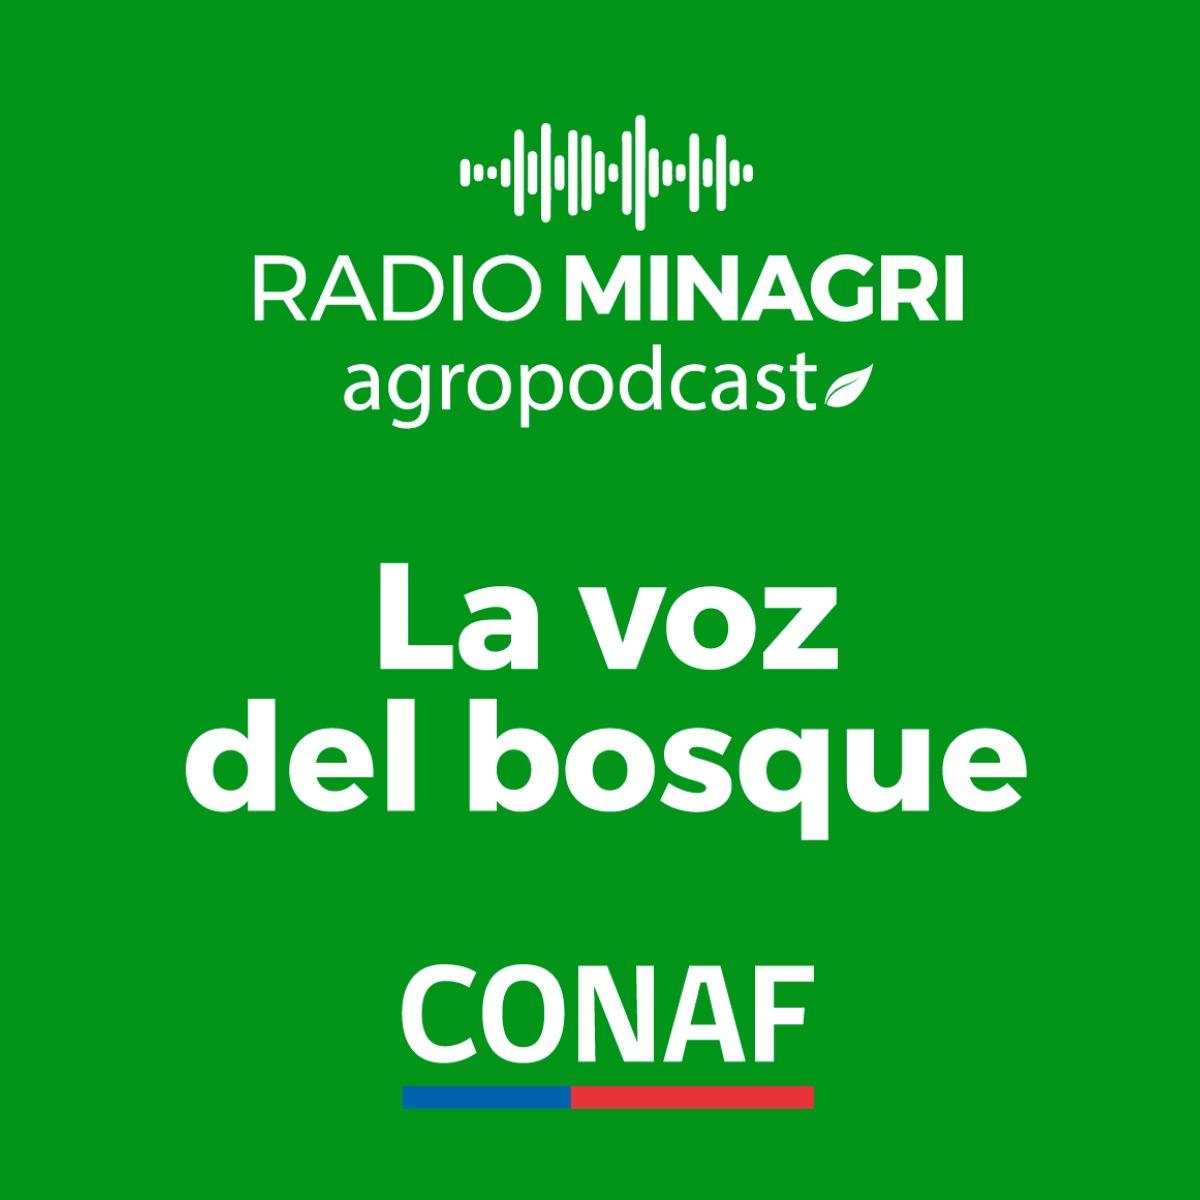 La voz del bosque – Episodio 25: Ave más pequeña de Chile